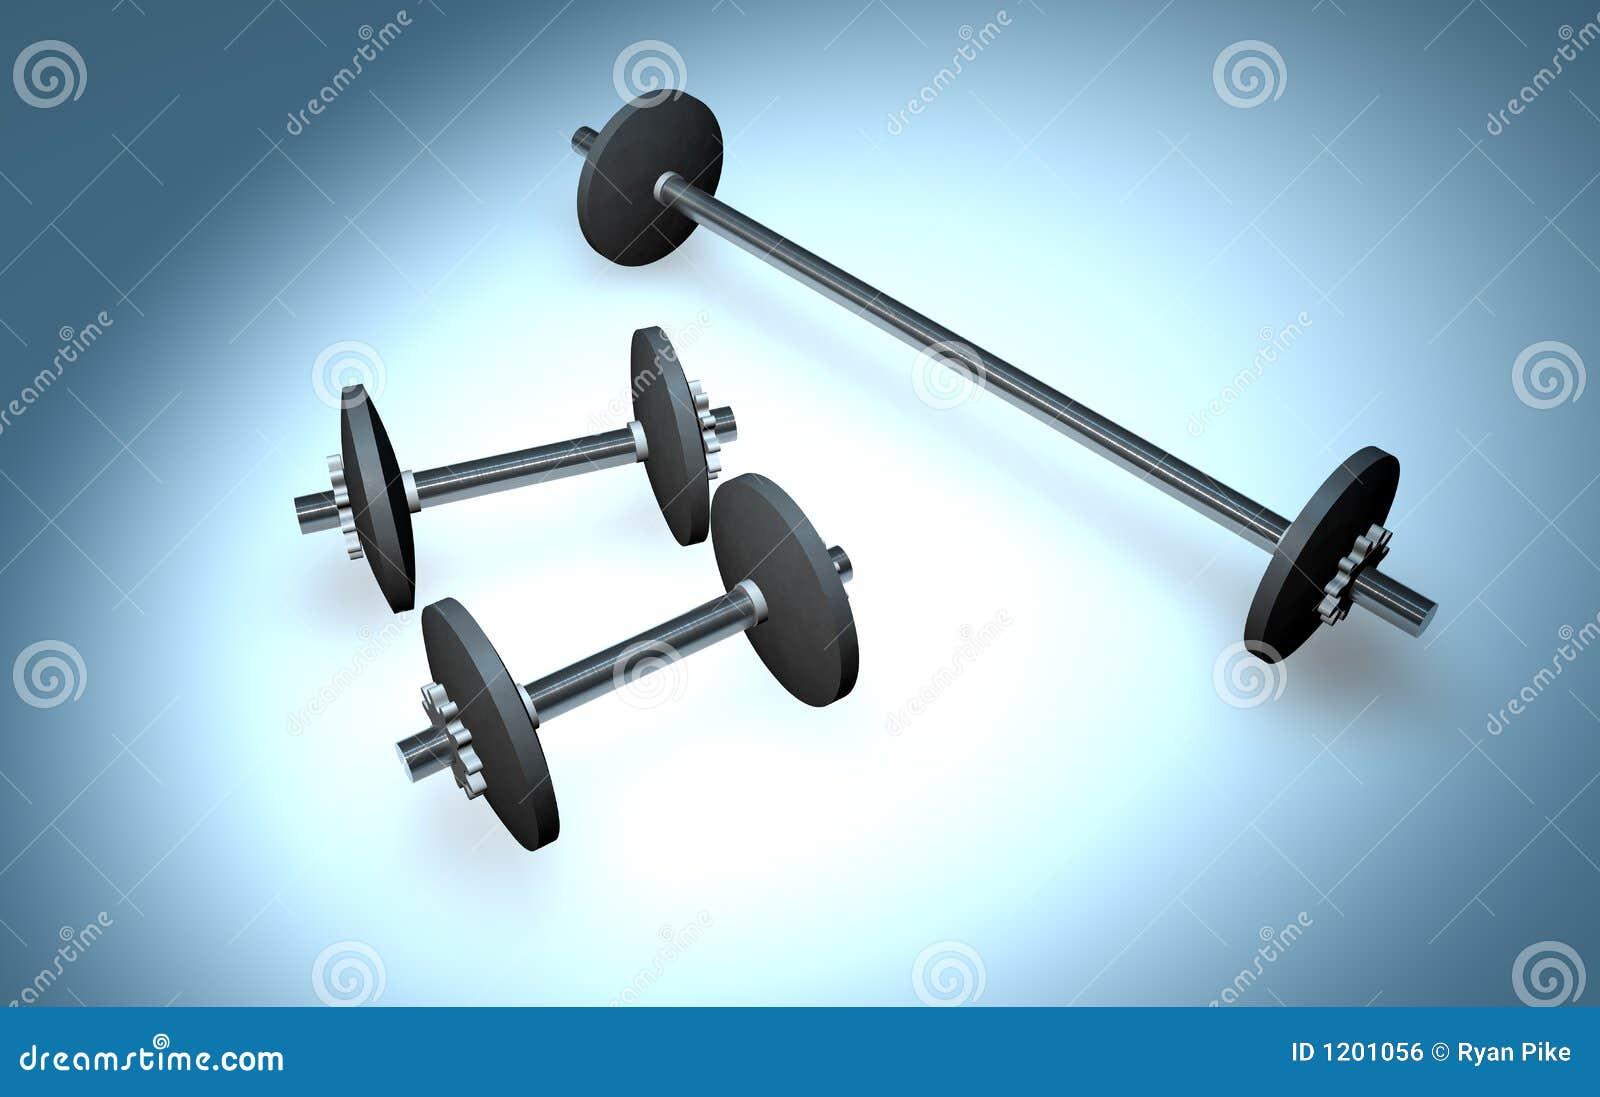 Drei Gewichte